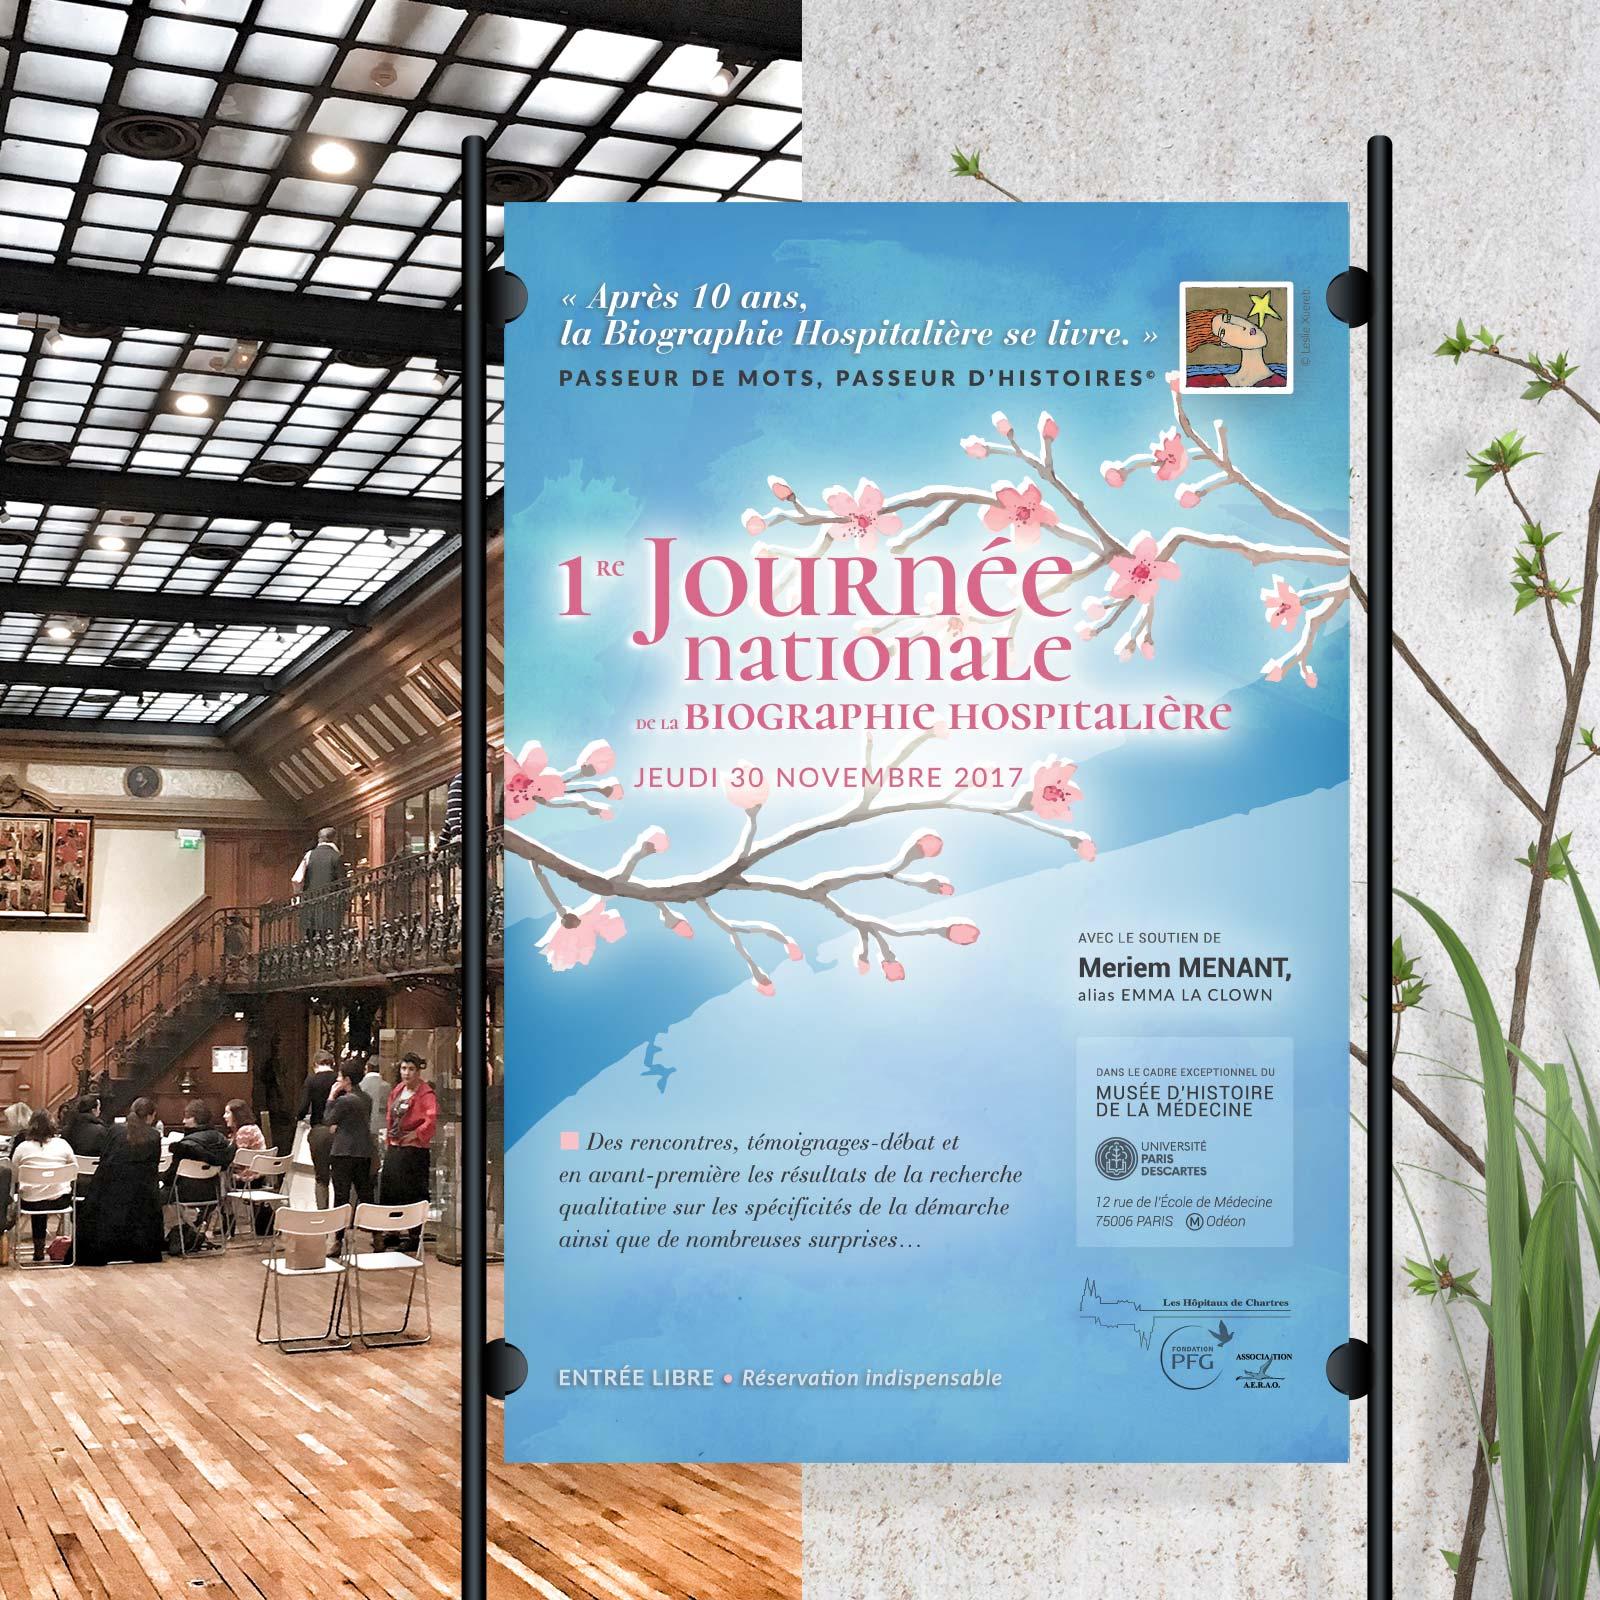 Journée nationale de la bio hospitalière - Documents évènementiels